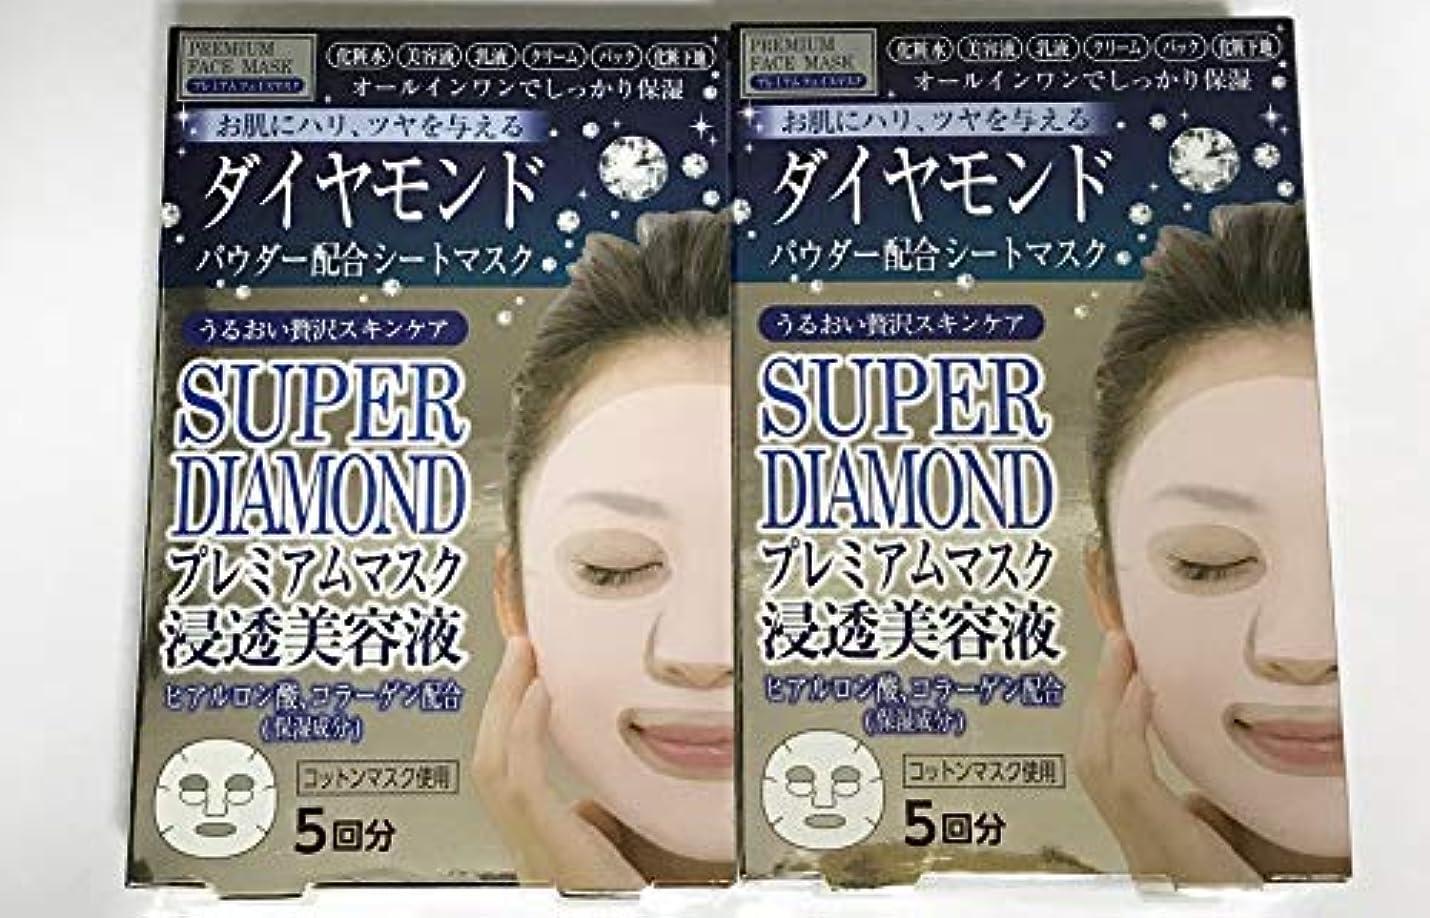 撃退する眠り融合【2箱セット】〈日本製〉スーパーダイヤモンド プレミアムマスク 浸透美容液 ? 2箱 (★???????????????のおまけ付)